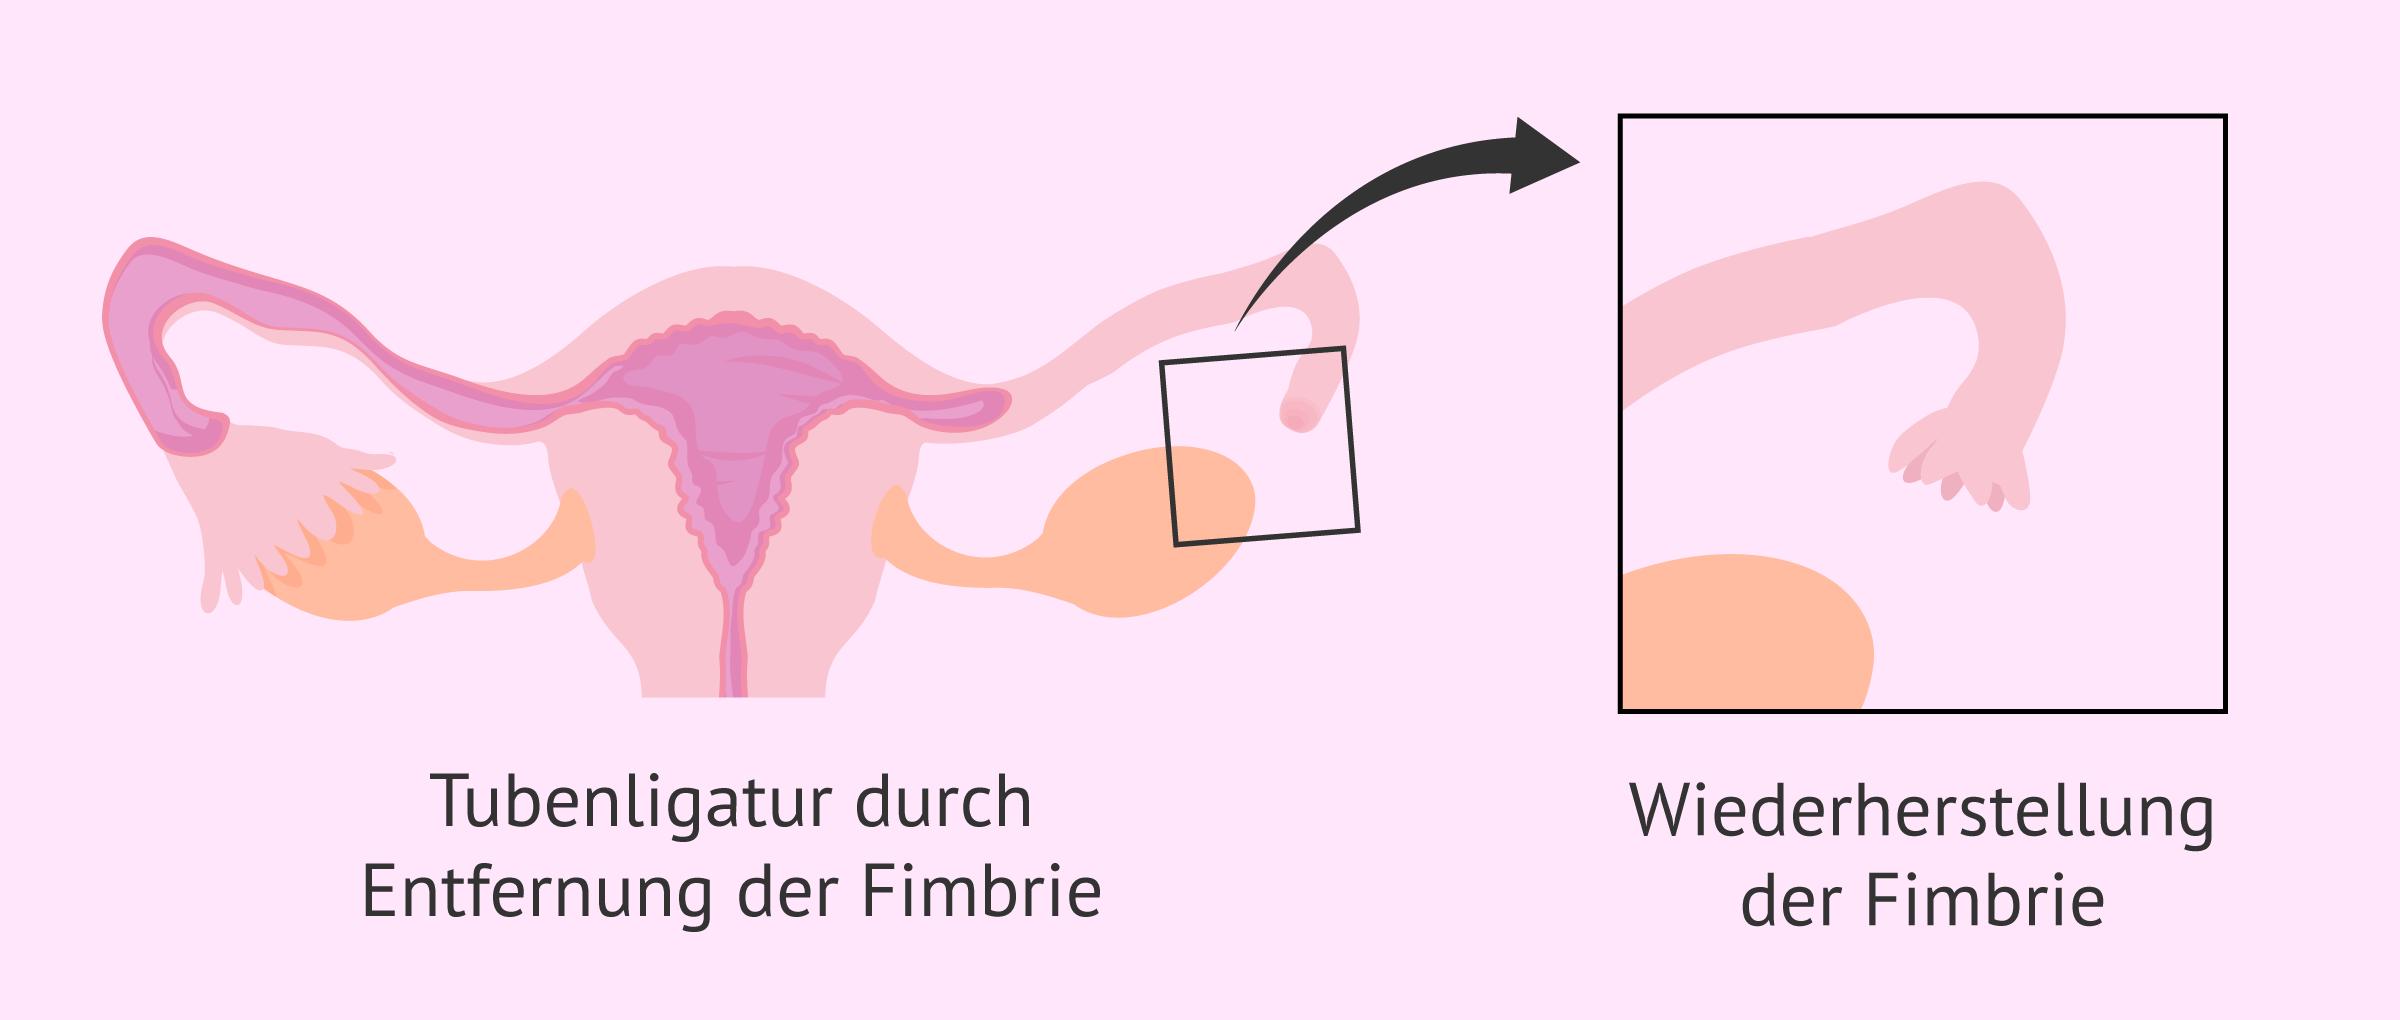 Umkehrung der Tubenligatur durch Fimbrien-Rekonstruktion